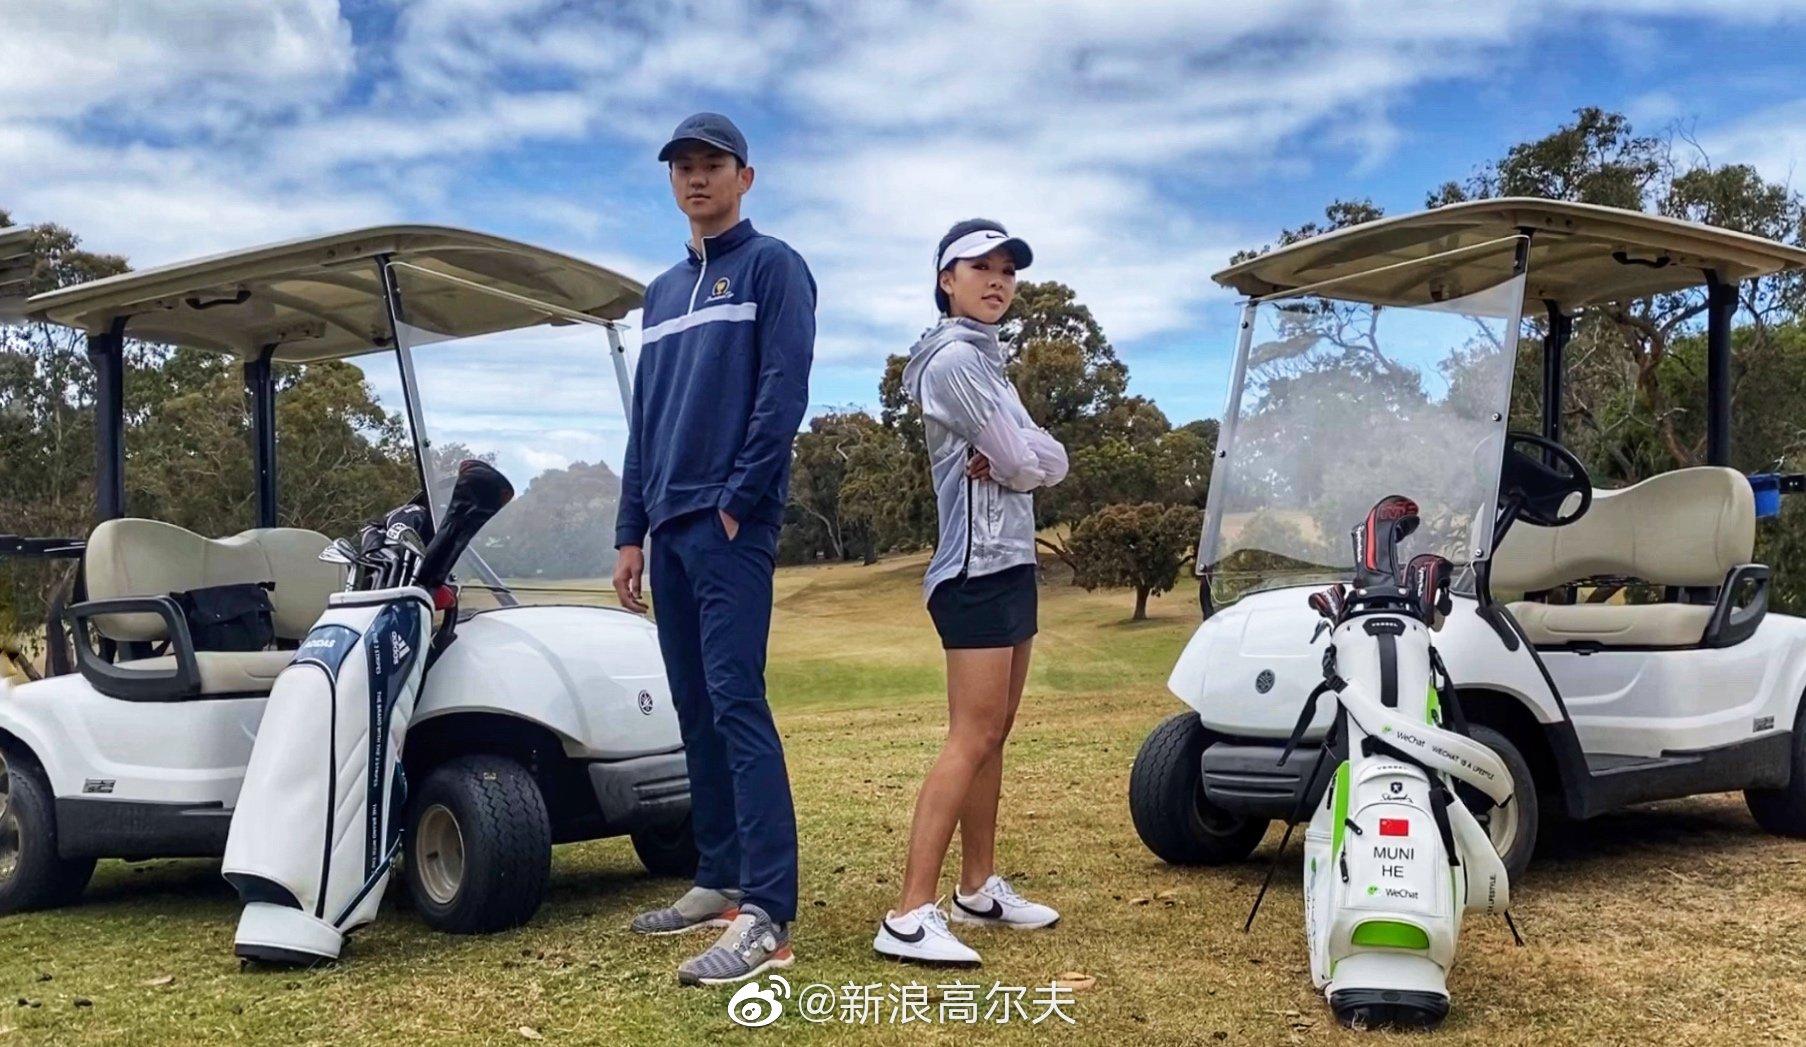 @宁泽涛 与高尔夫美女职业球员@何沐妮Golf 在墨尔本跨界互动